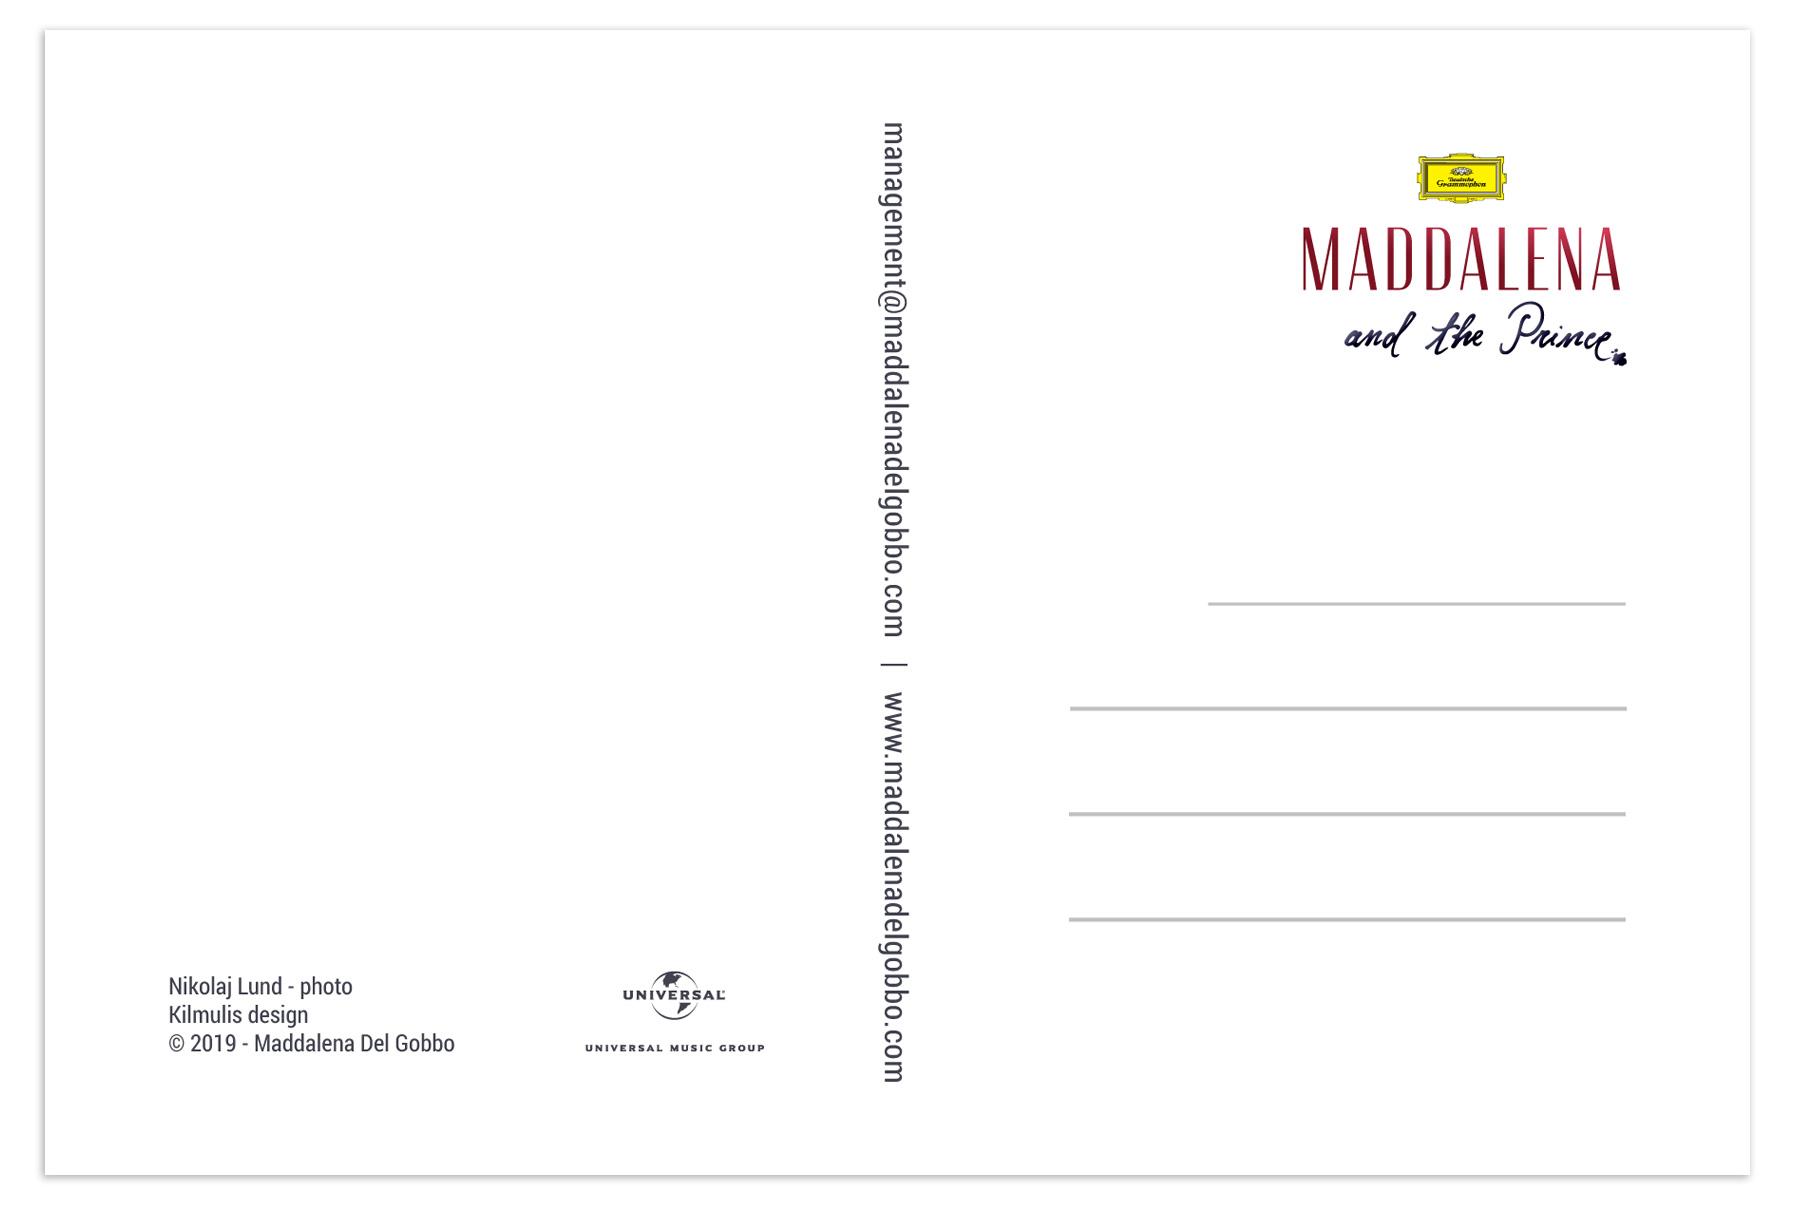 Kilmulis design - Maddalena Del Gobbo - postcards 04